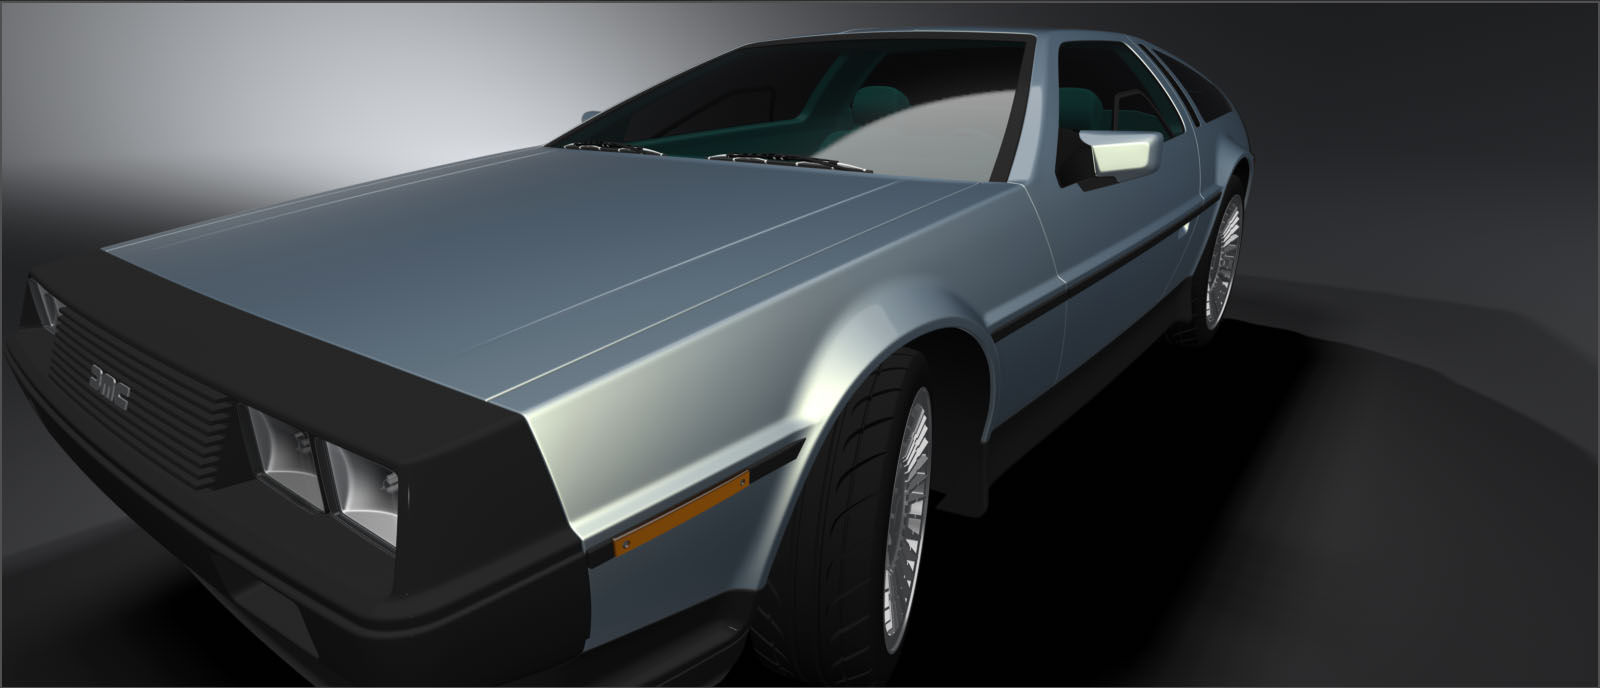 Preliminar-render-front-b-3500-3500